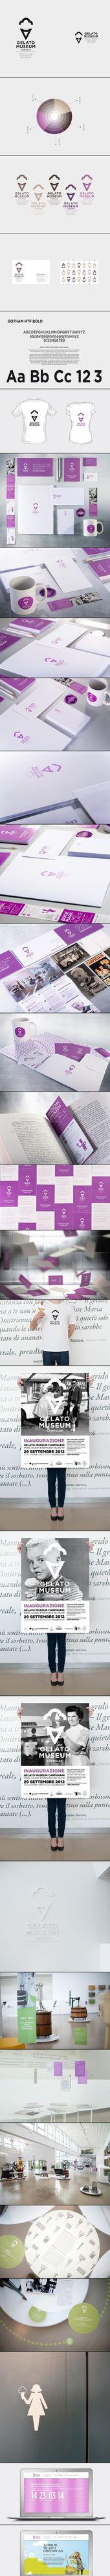 """Imagen Spark – Imagen etiquetada """"identidades"""" – Victorfg83  – Design und Grafik"""